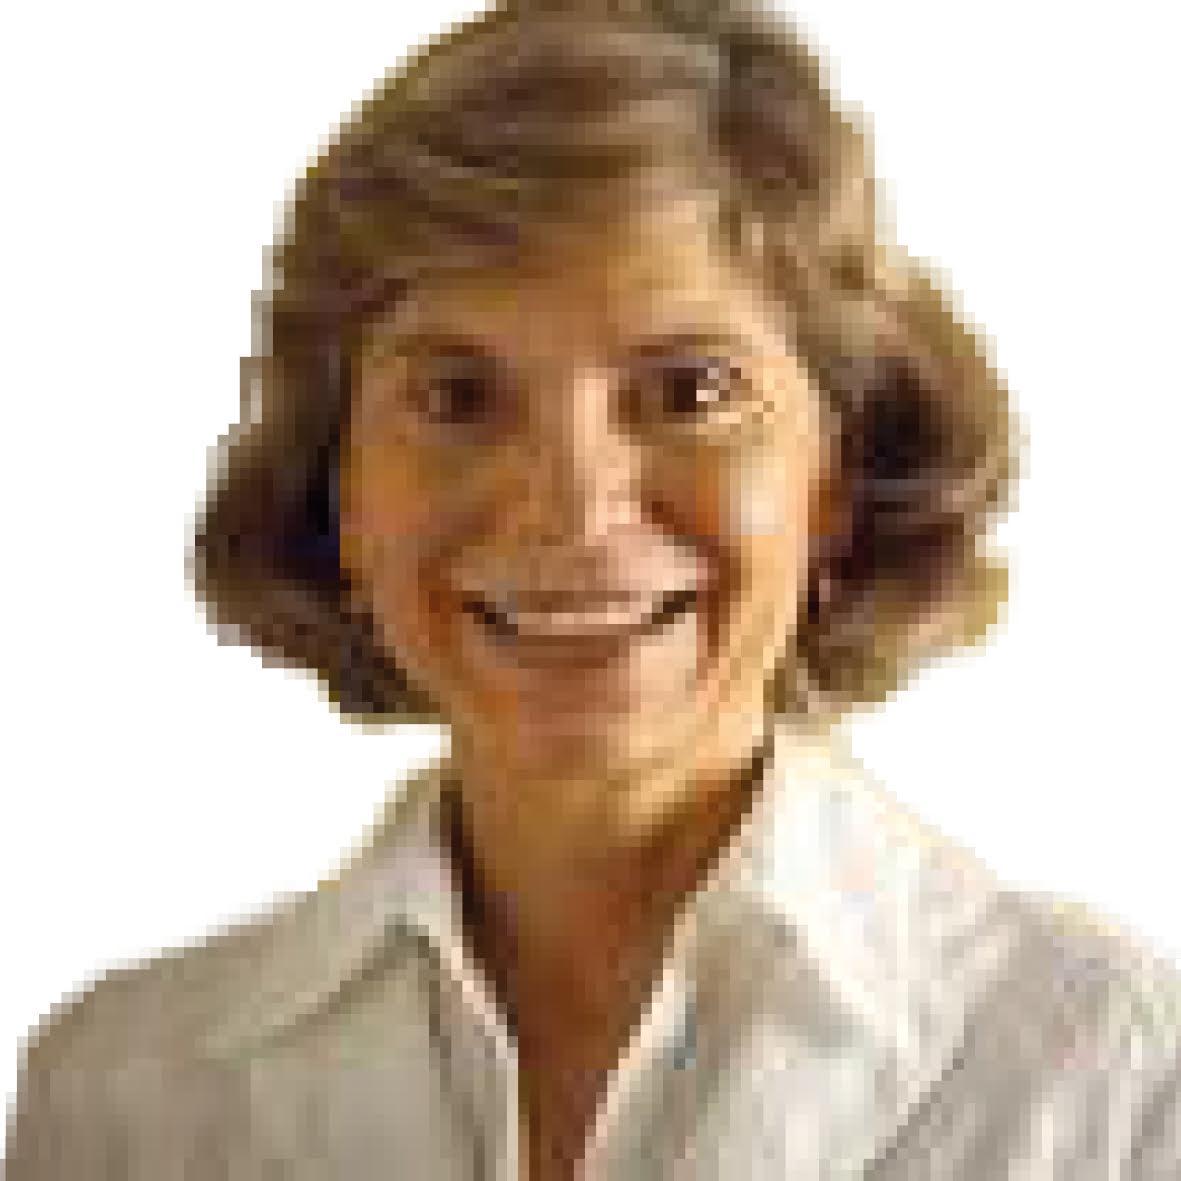 Maria Tereza Leme Fleury, Dean, Fundação Getulio Vargas (FGV), Brazil